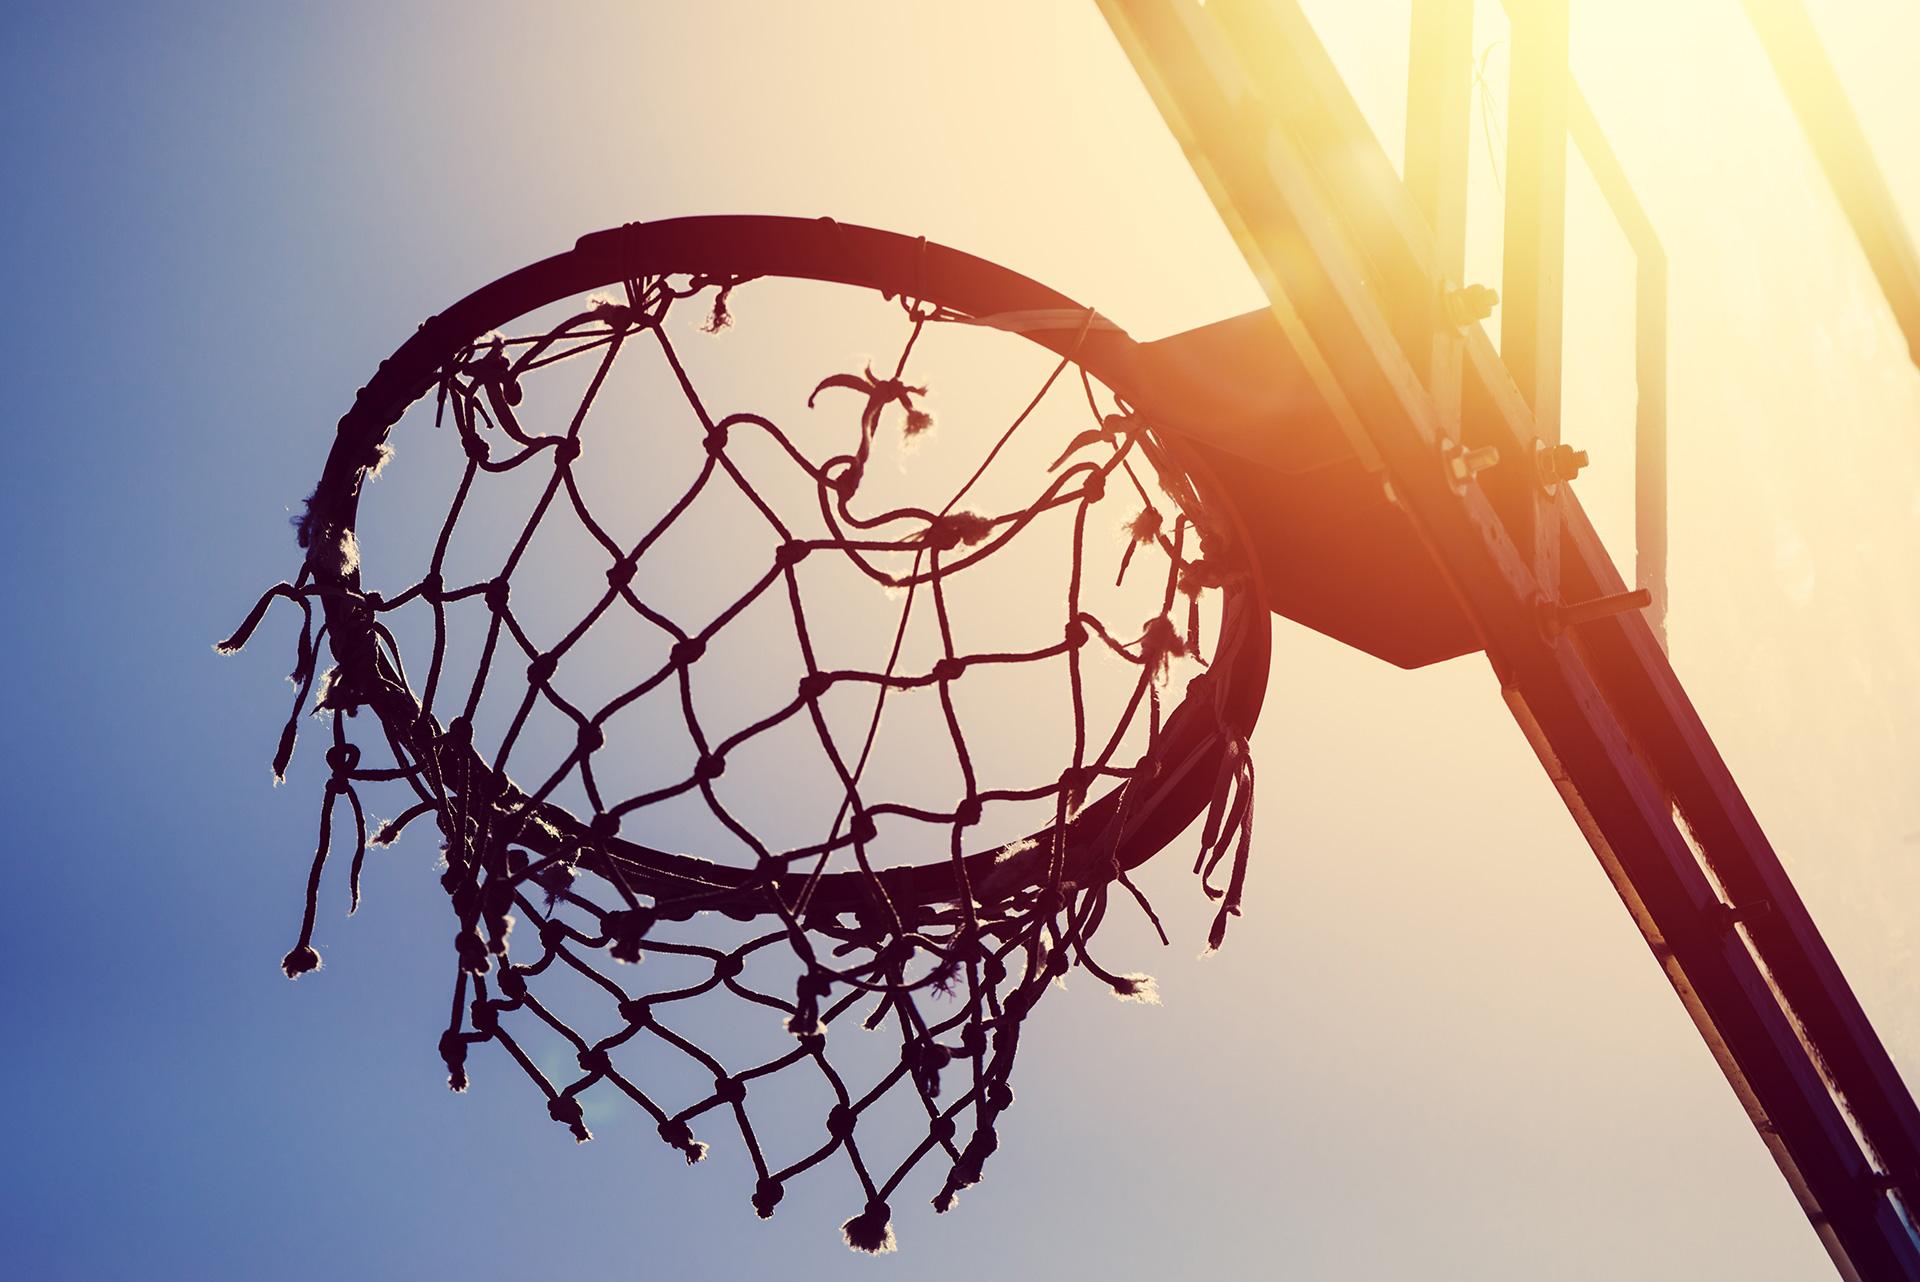 Kosz do koszykówki, ilustracja do atykułu